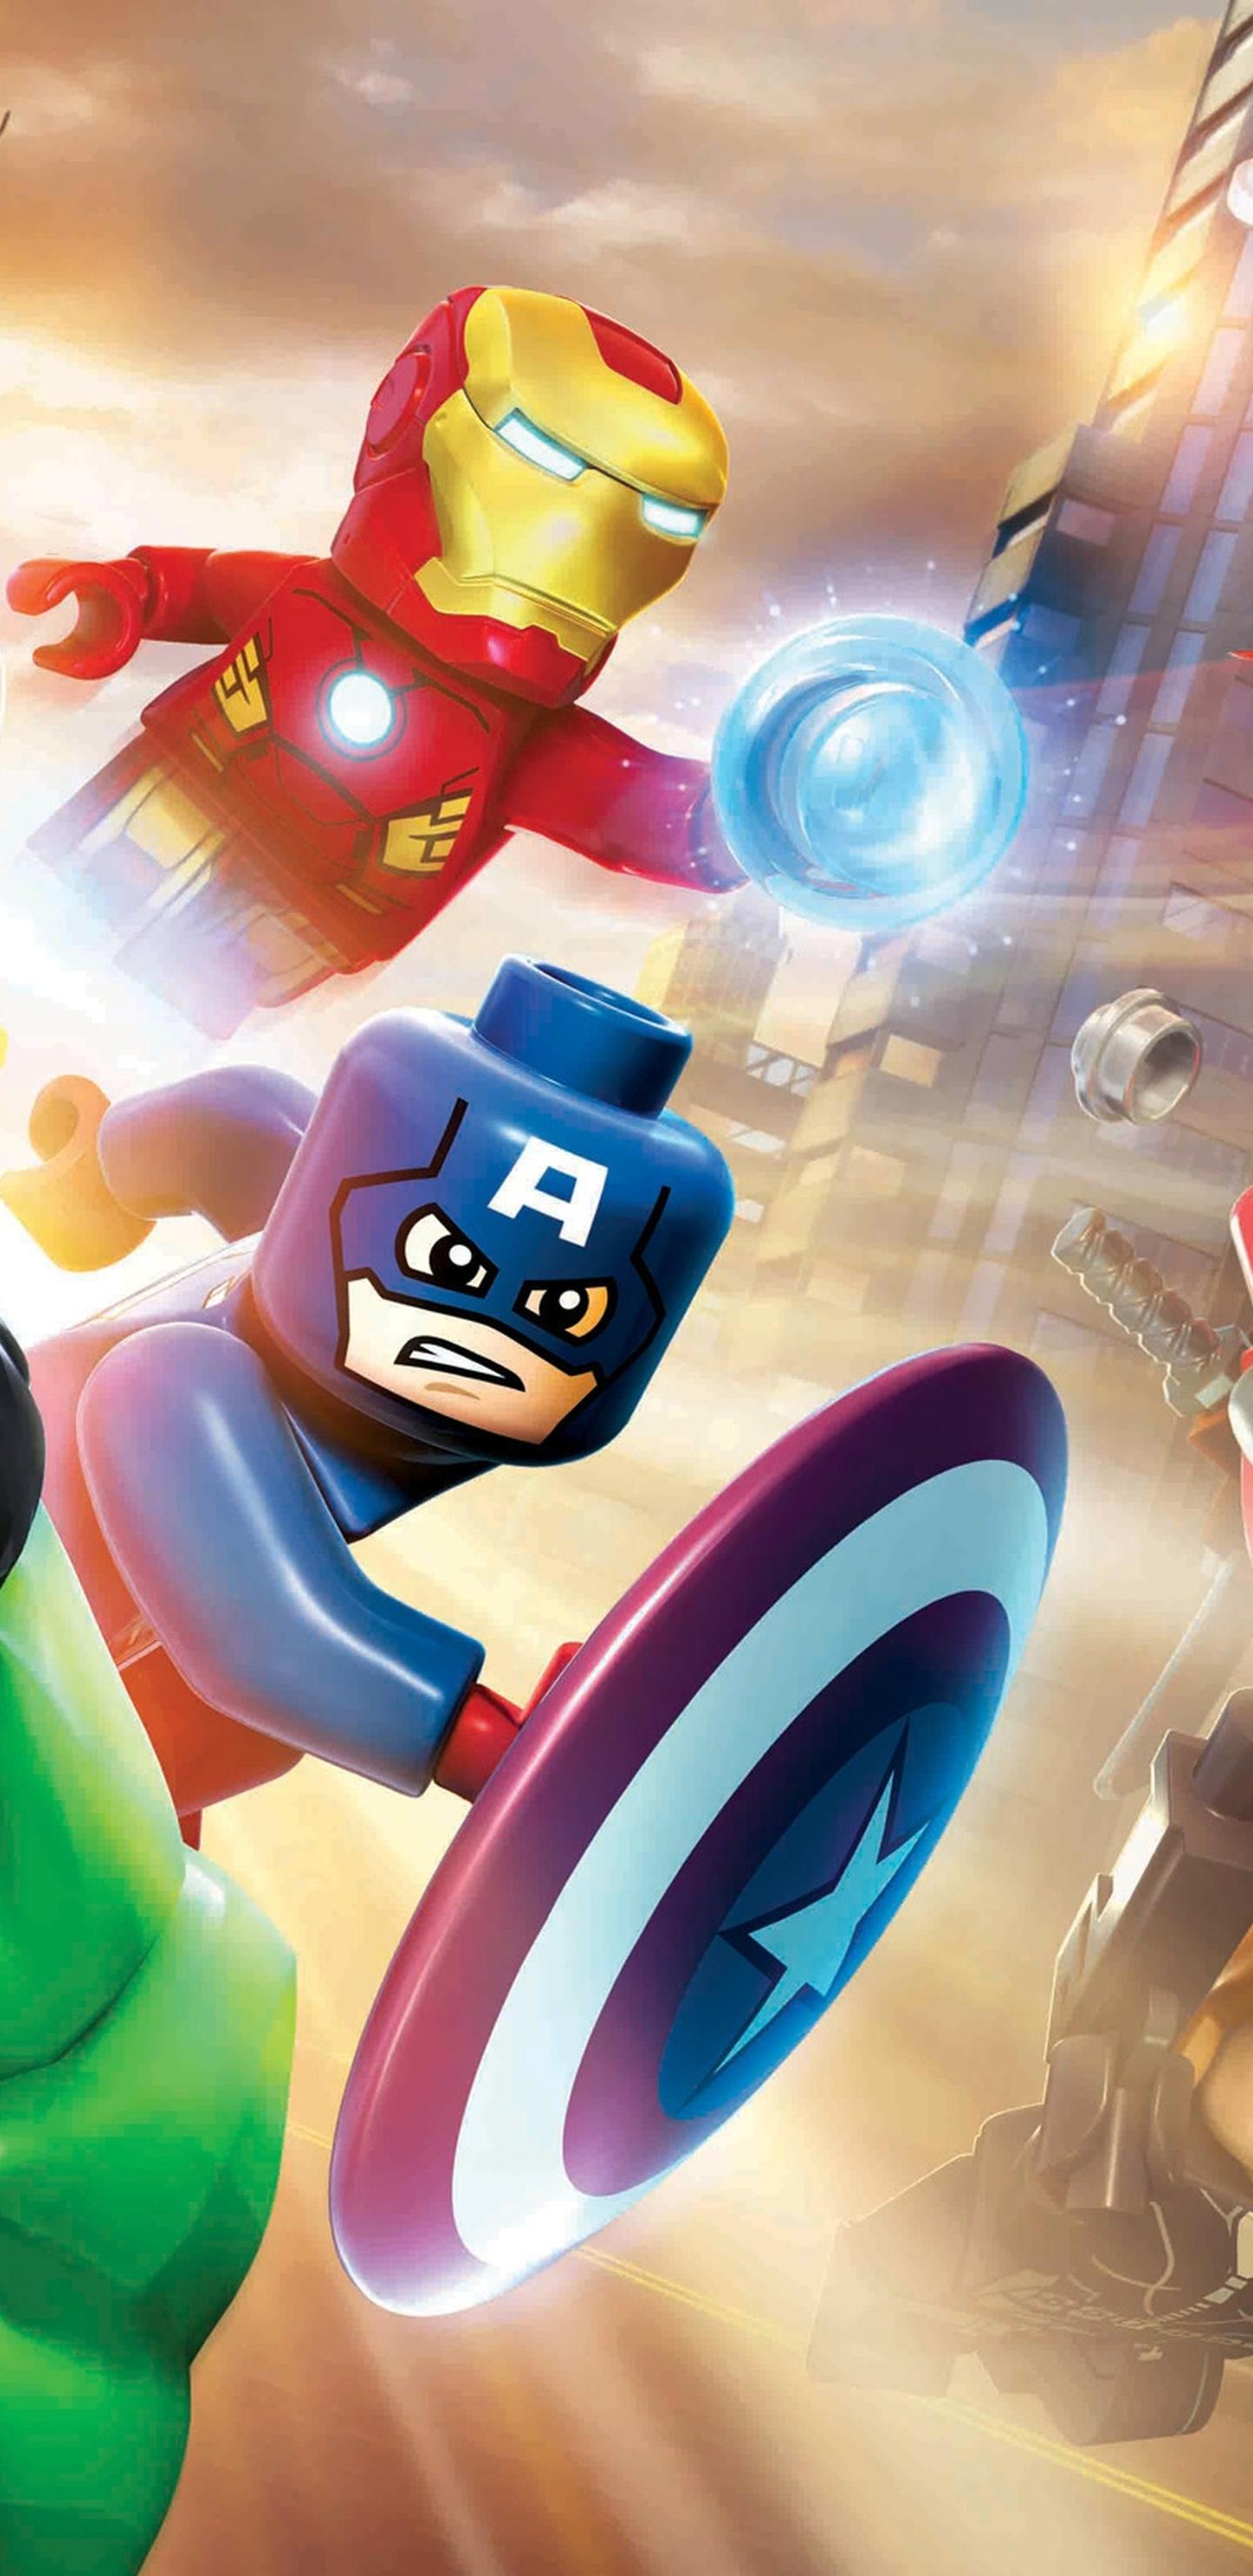 1440x2960 Marvel Lego Superheroes Samsung Galaxy Note 98